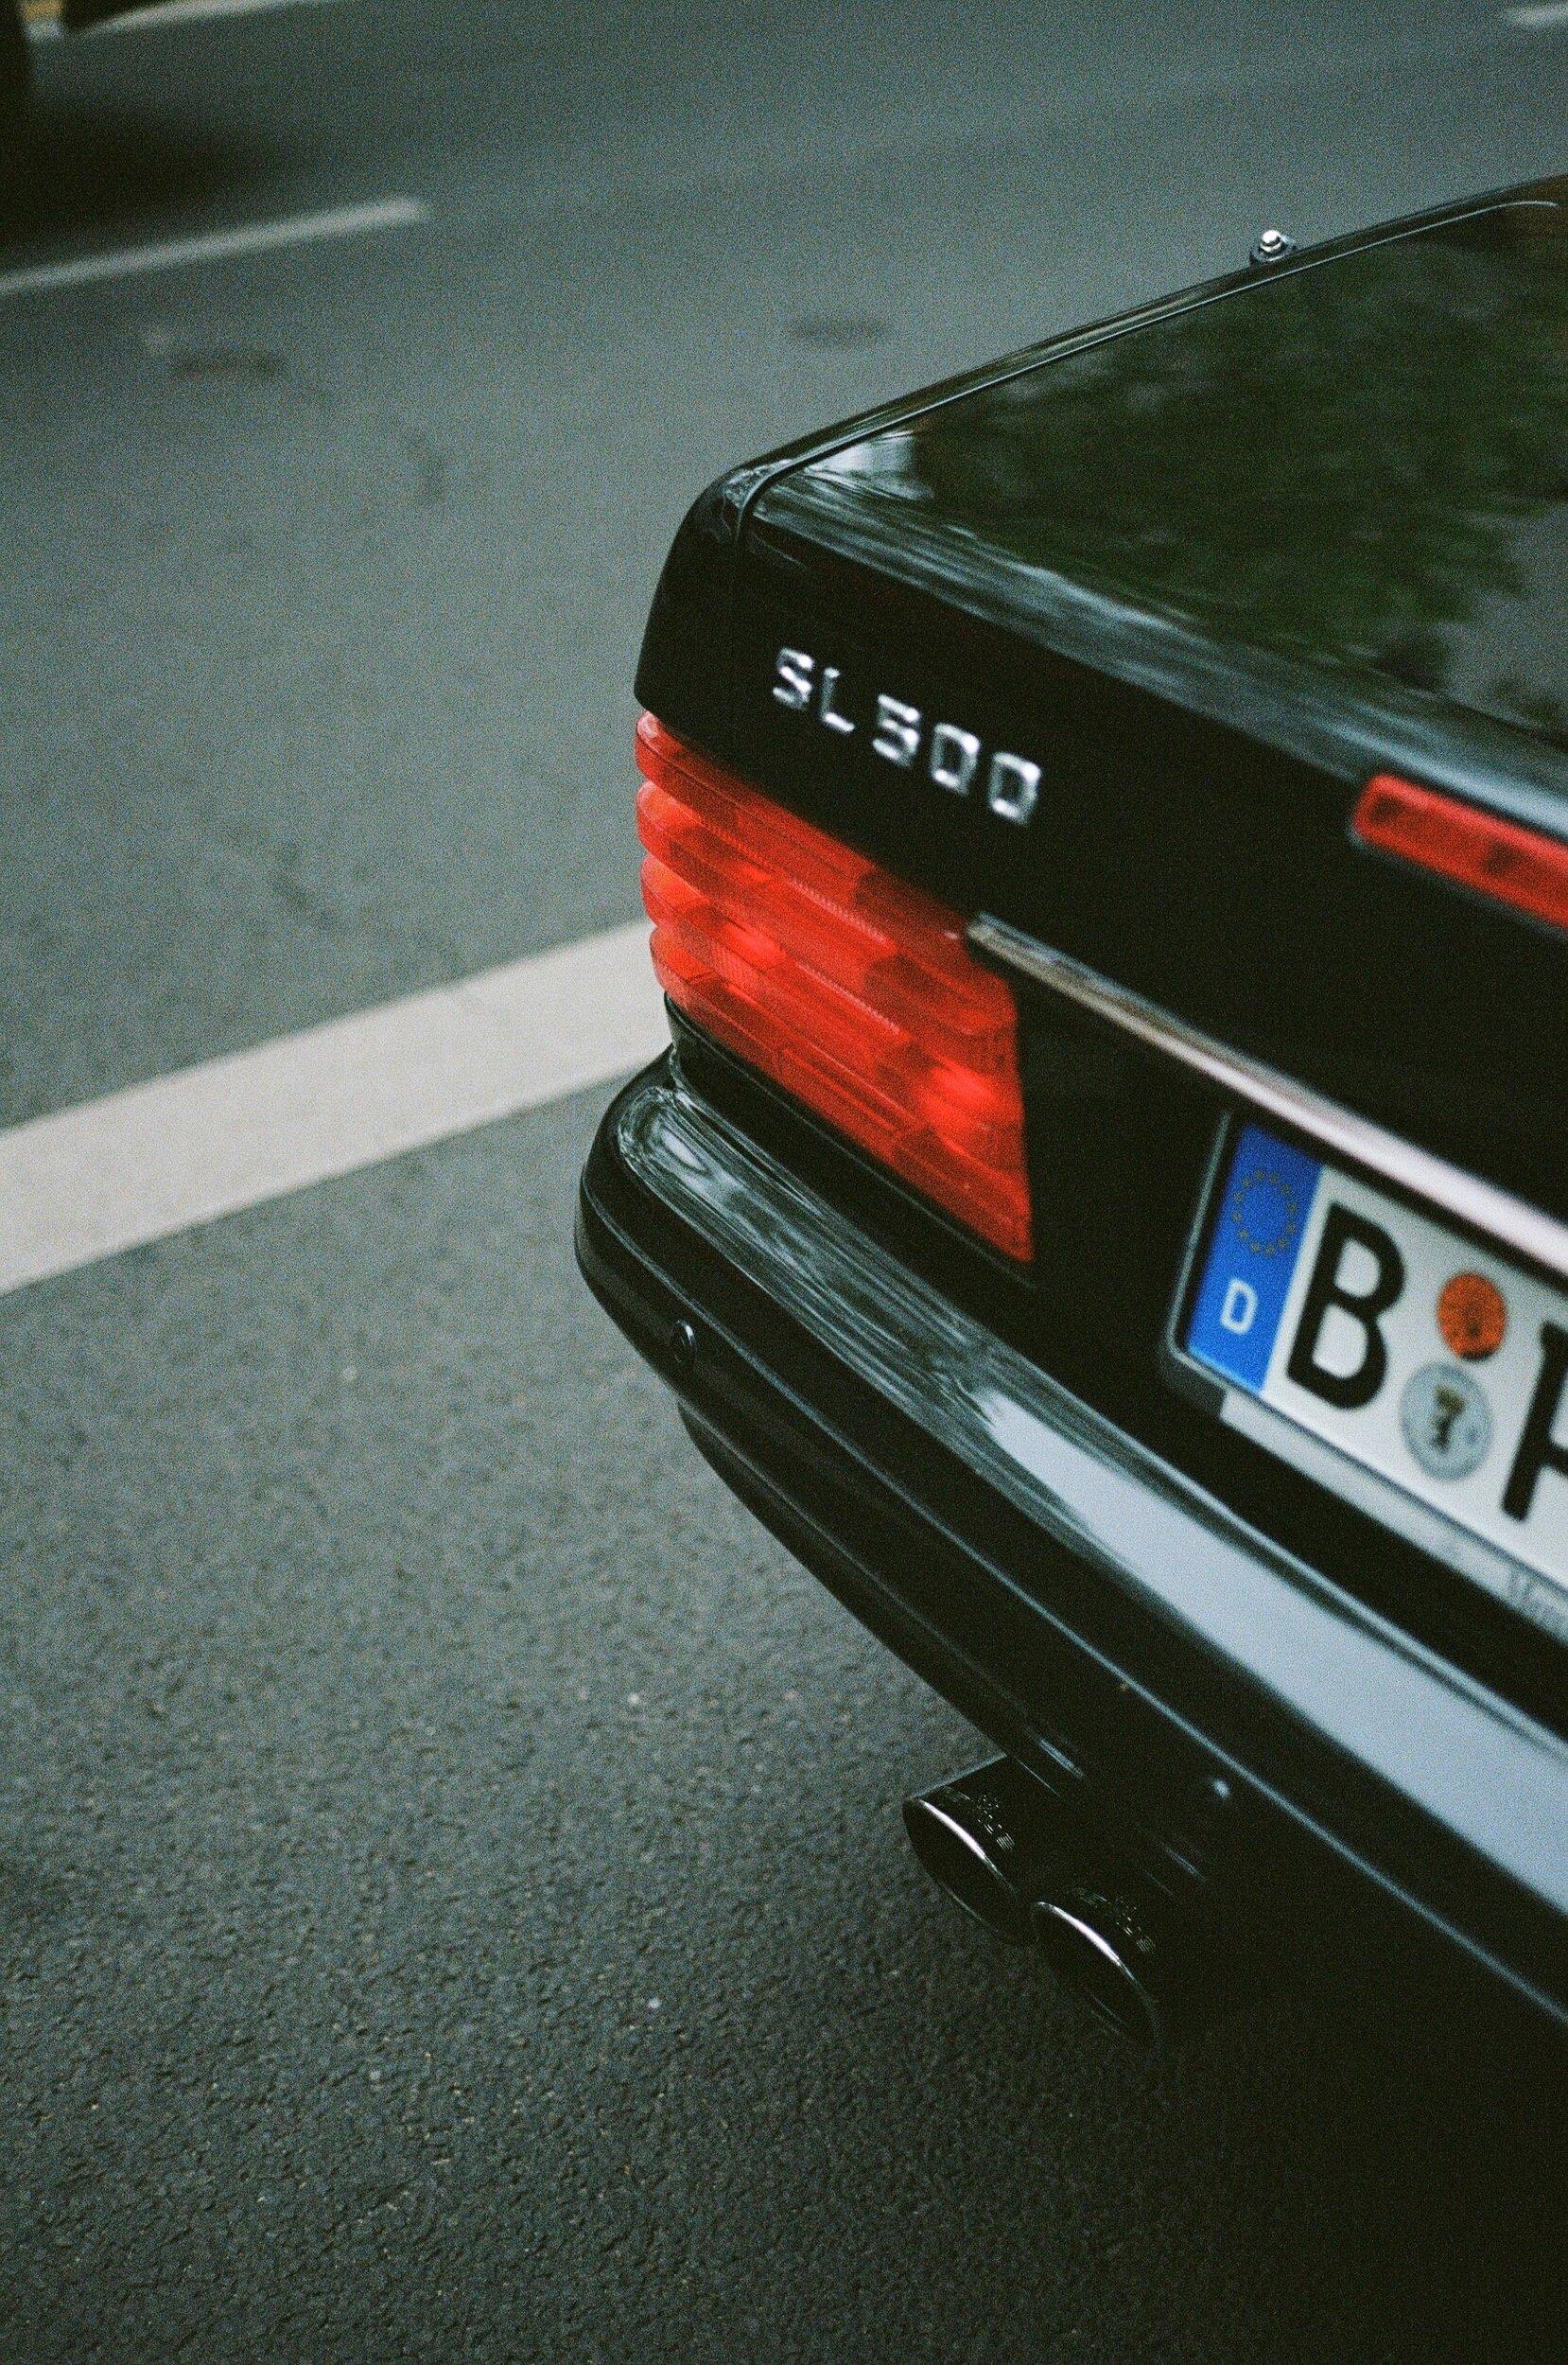 55080006.jpg